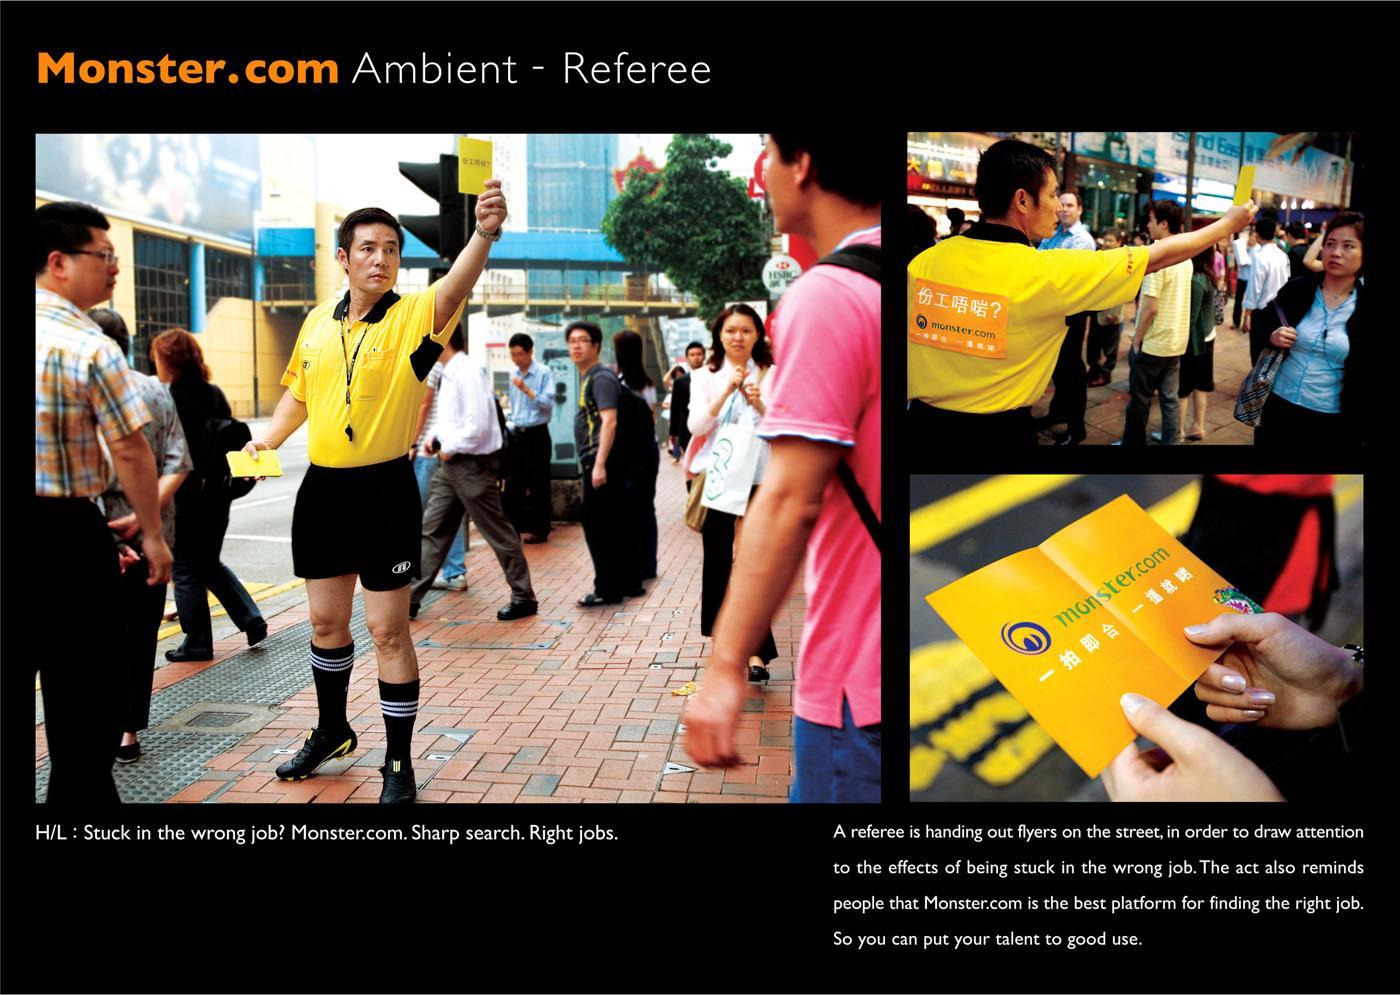 Wrong job, Referee